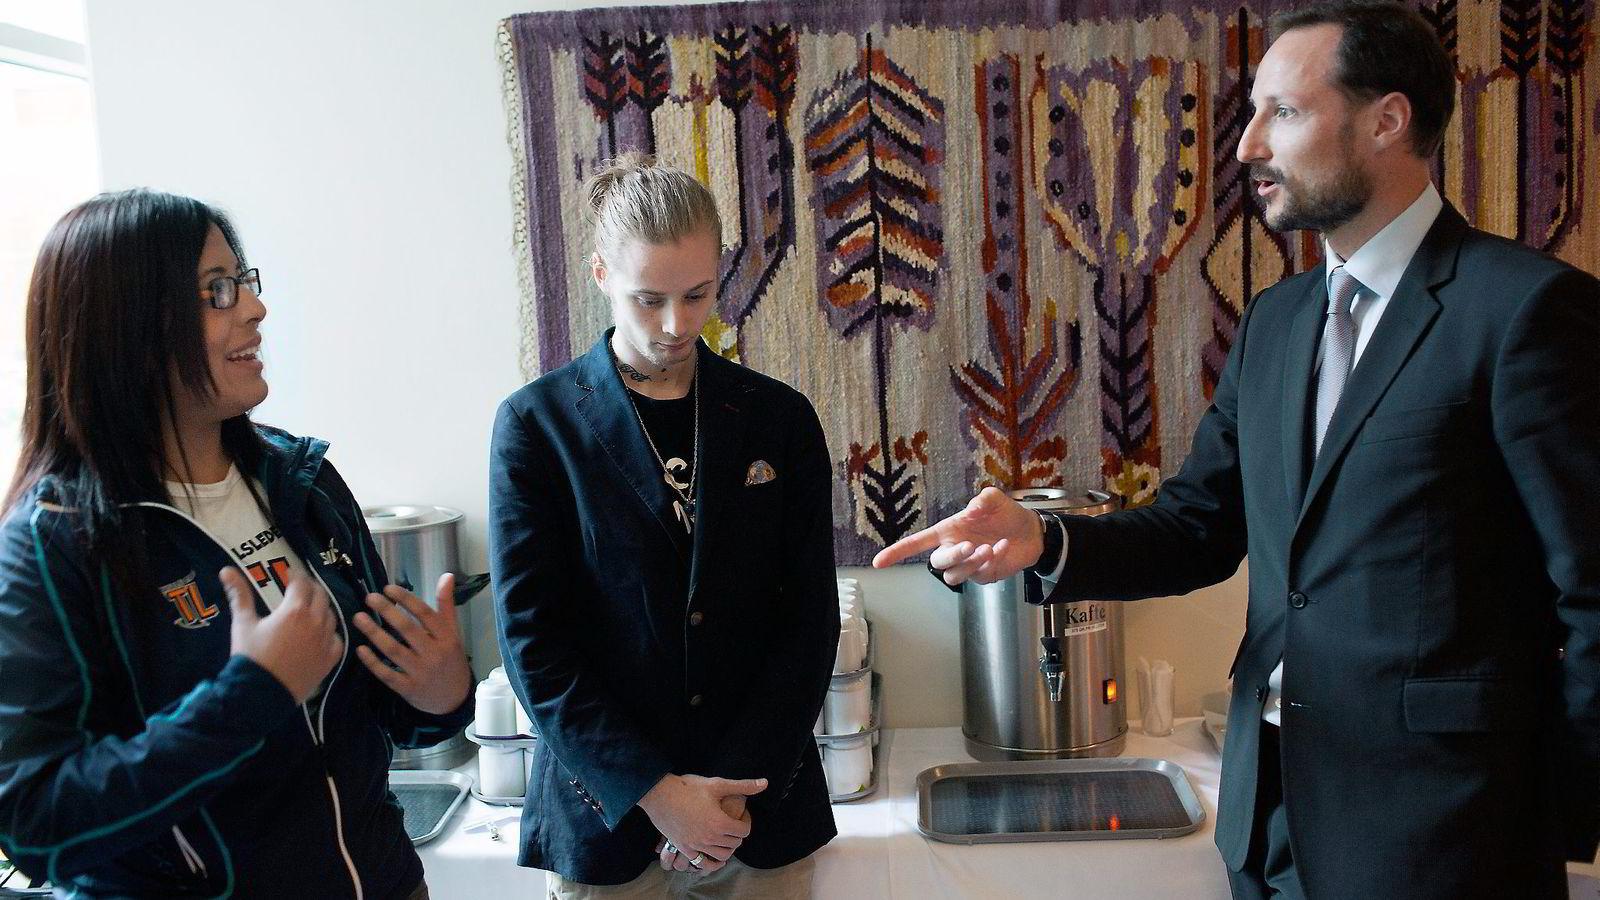 TO VERDENER. Kronprins Haakon møtte «pøblene» Nicolai Ludvigsen og Emilia Alfaro på Høvik igår. Begge sier de har blitt løftet frem av Pøbelprosjektet, som kronprinsparet støtter.